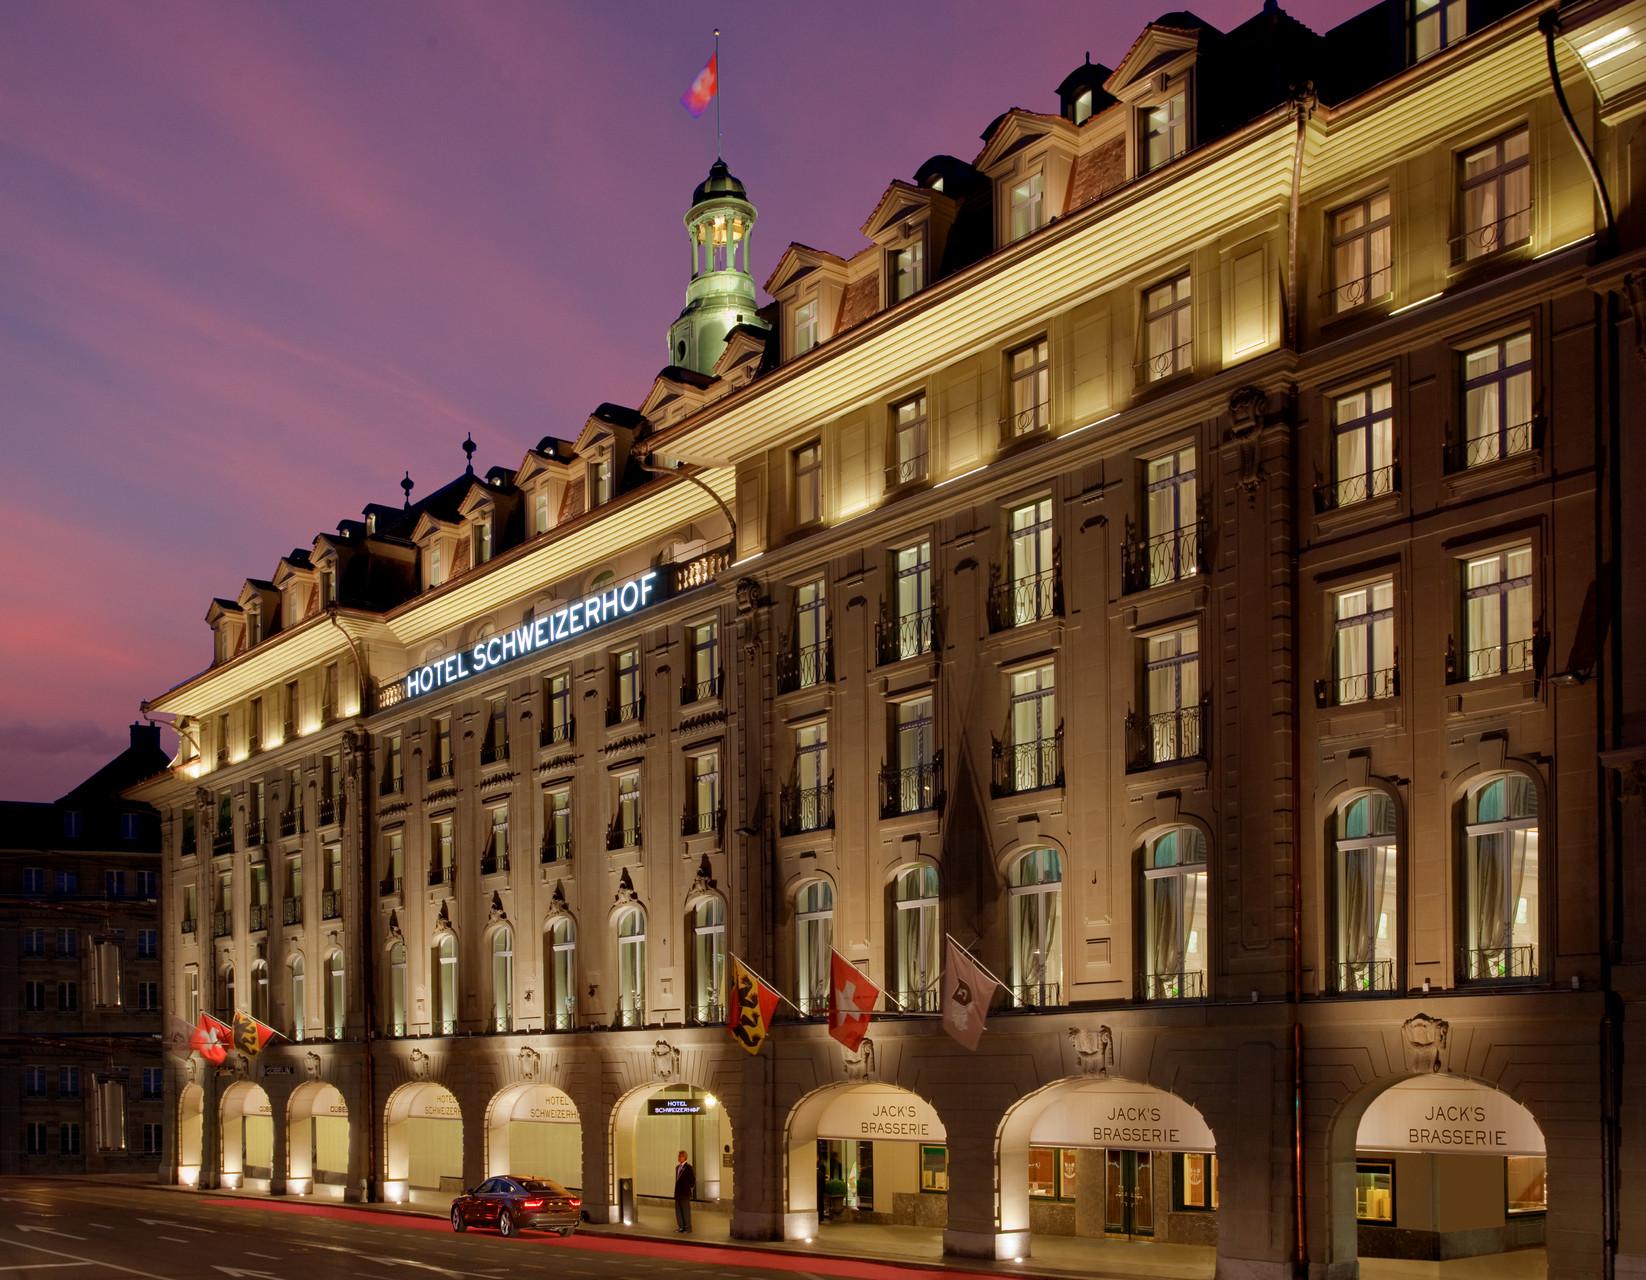 Hotel Schweizerhof Bern Switzerland